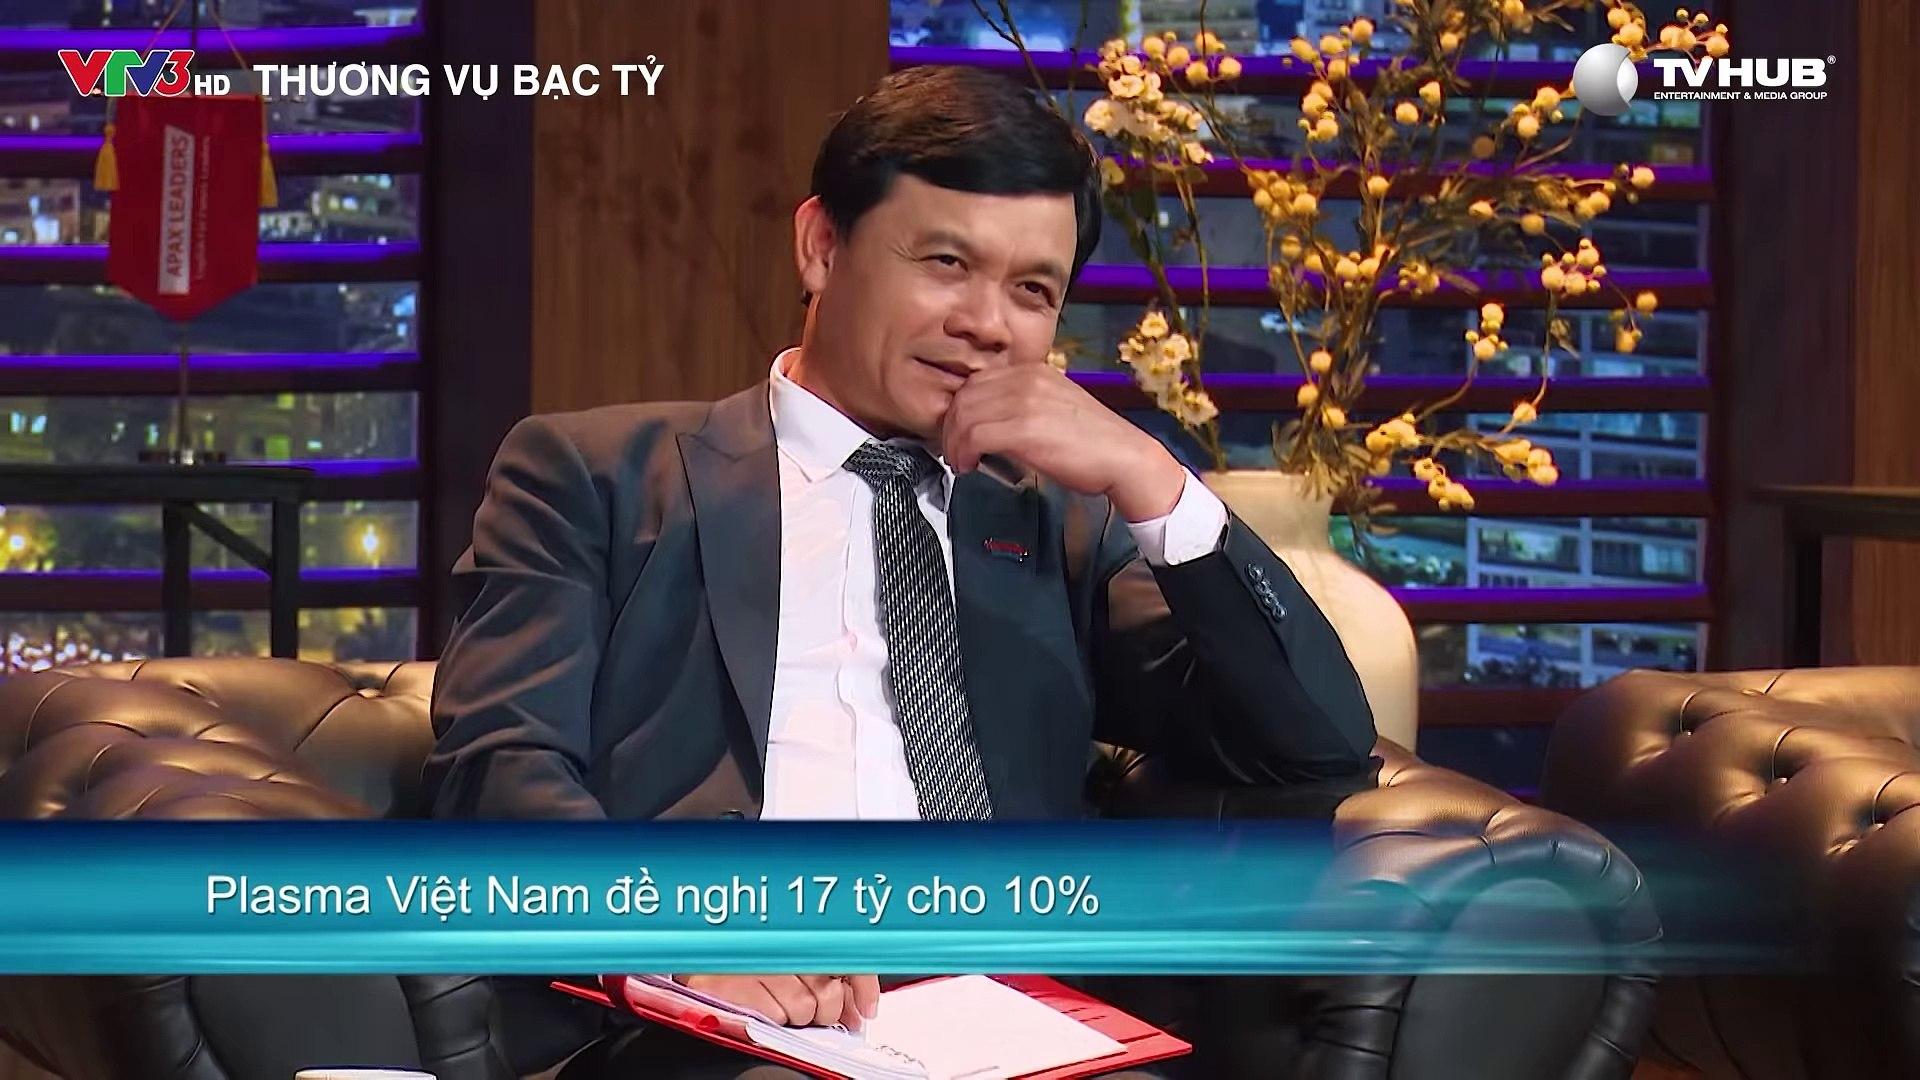 Shark Tank Việt Nam Tập 7 Full - Cạn Vốn Hoạt Động, Hai Nhà Khoa Học Phải Gõ Cửa Shark Tank - Mùa 2